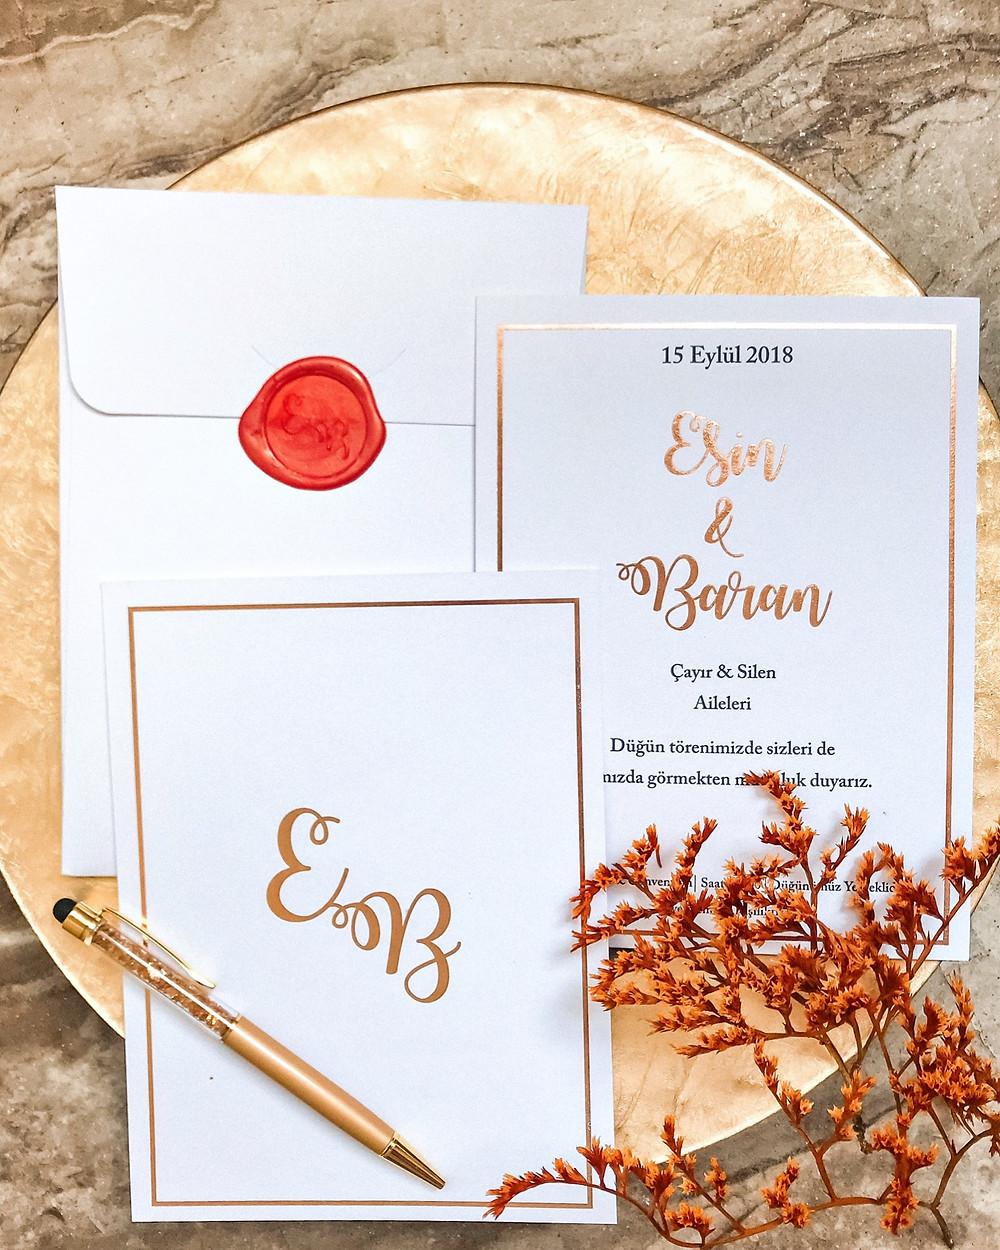 düğün davetiyesi şık tasarım